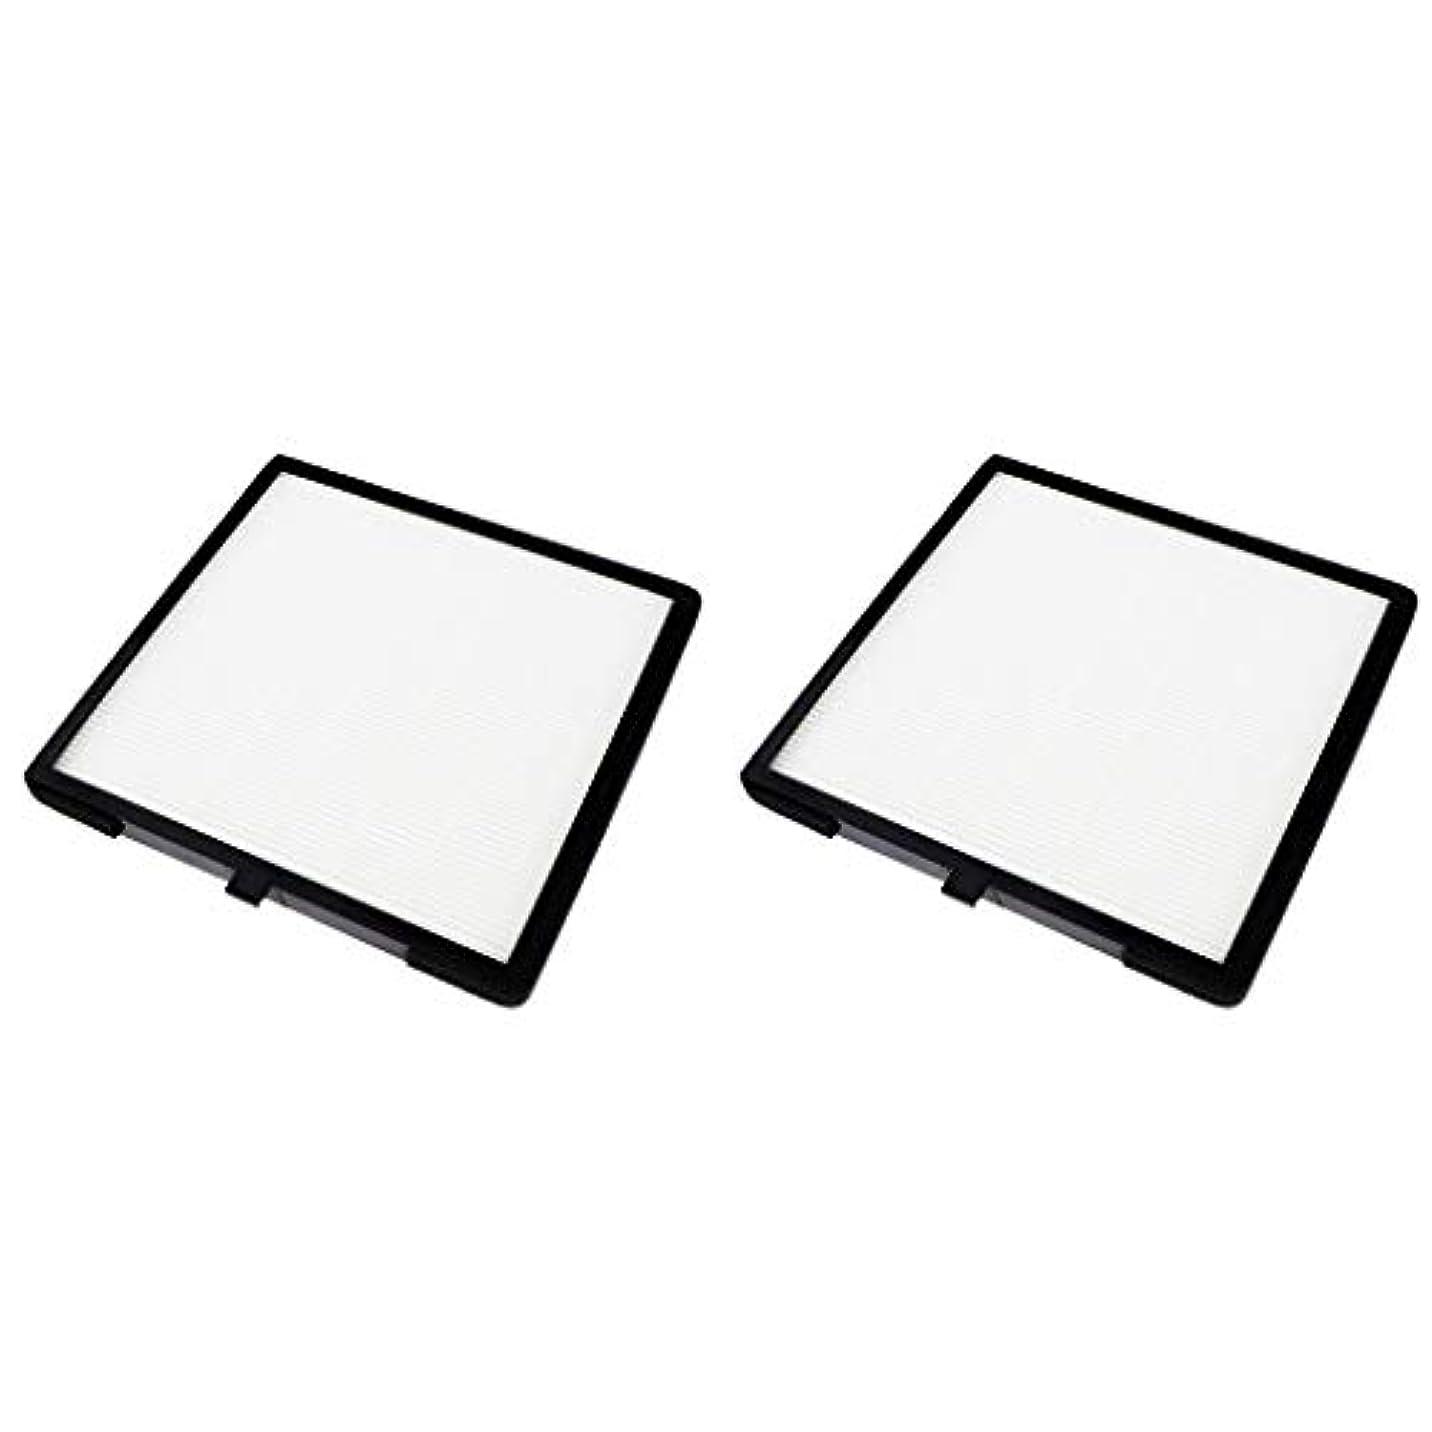 予算スロープリスク2個入り ネイルダスト 集塵機 ネイルダスト吸引 ダストコレクター40W交換用フィルター お手入れ簡単